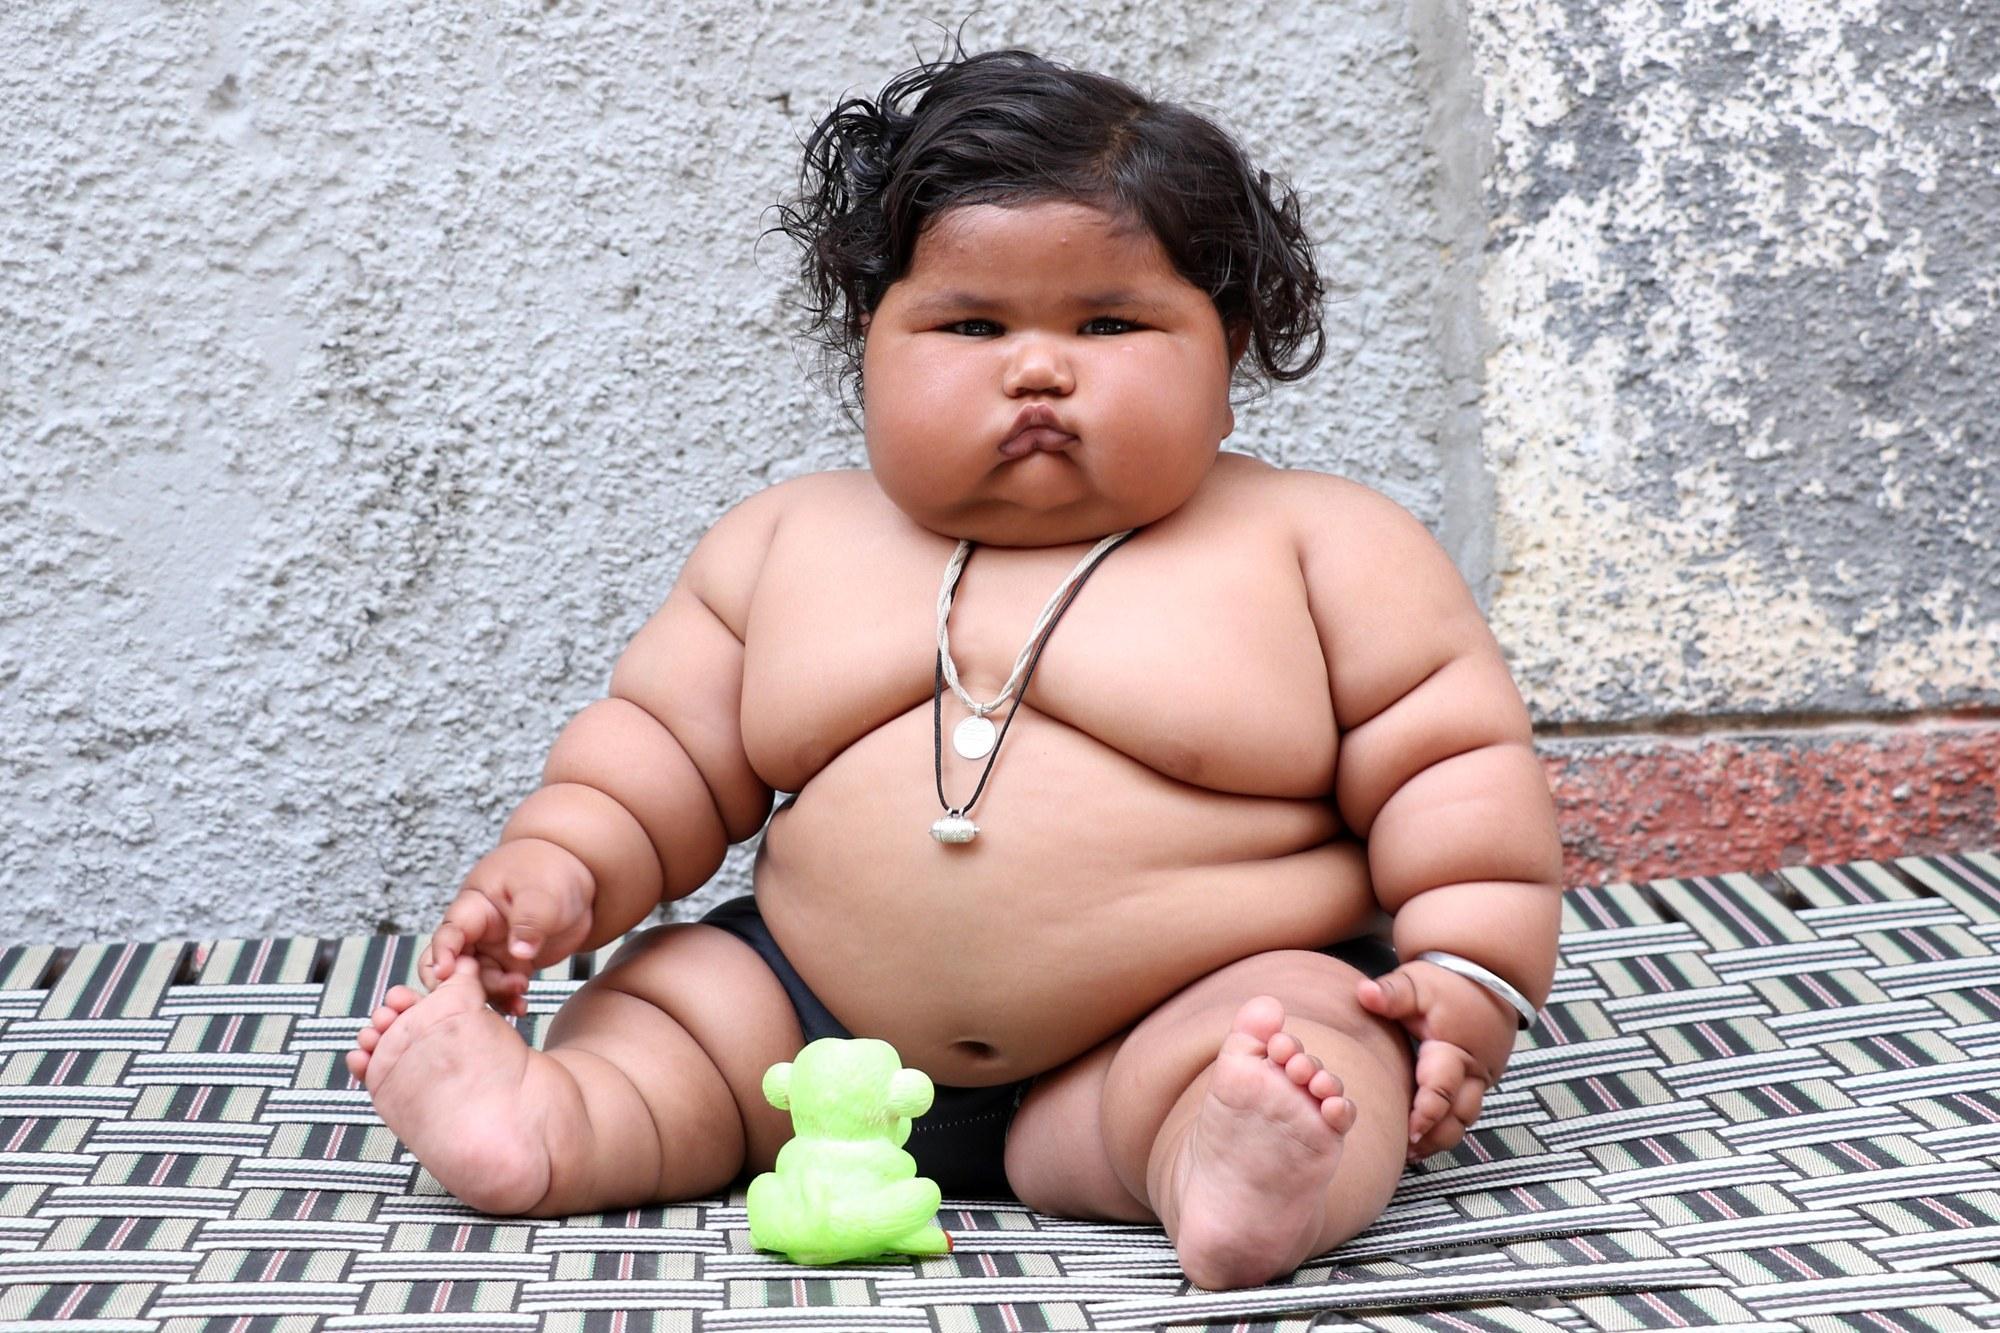 Днем, картинки толстые смешные дети